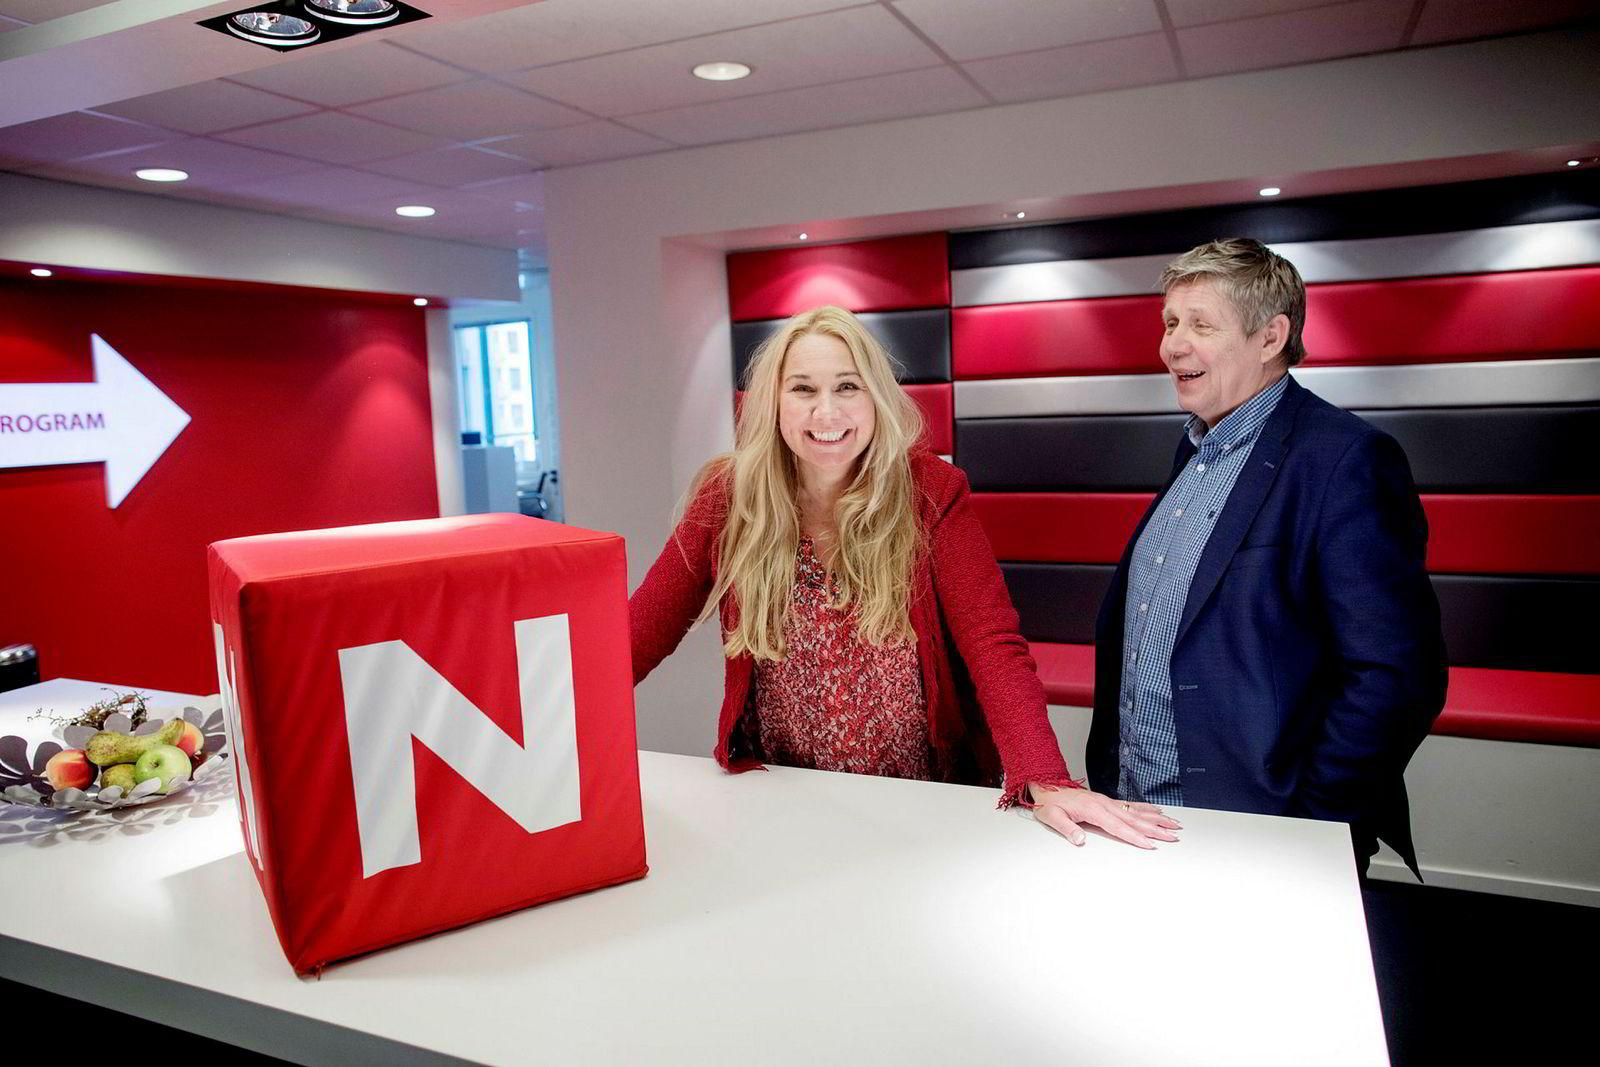 Tine Austvoll Jensen i Discovery Norge, som eier TVNorge, kan smile over gode tv-tall i juni. Til høyre står hennes programdirektør, Eivind Landsverk.